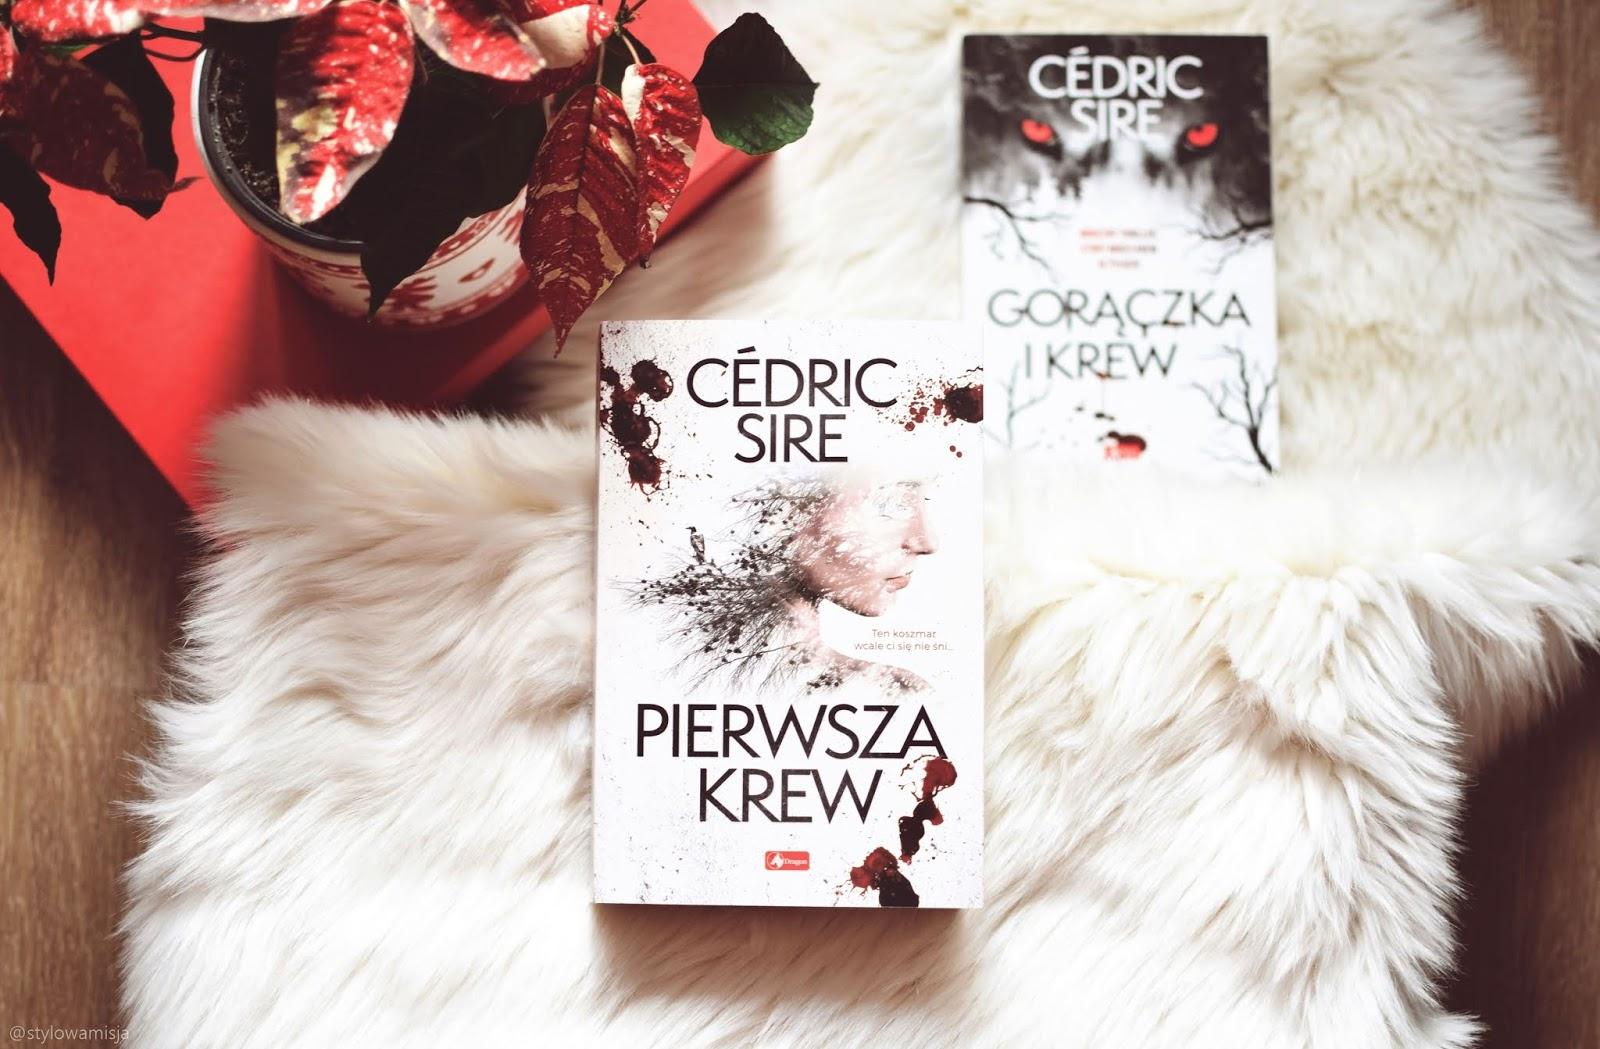 GorączkaIKrew, PierwszaKrew, CedricSire, WydawnictwoDragon, thriller, horror, seria, Francja, opowiadanie, recenzja,